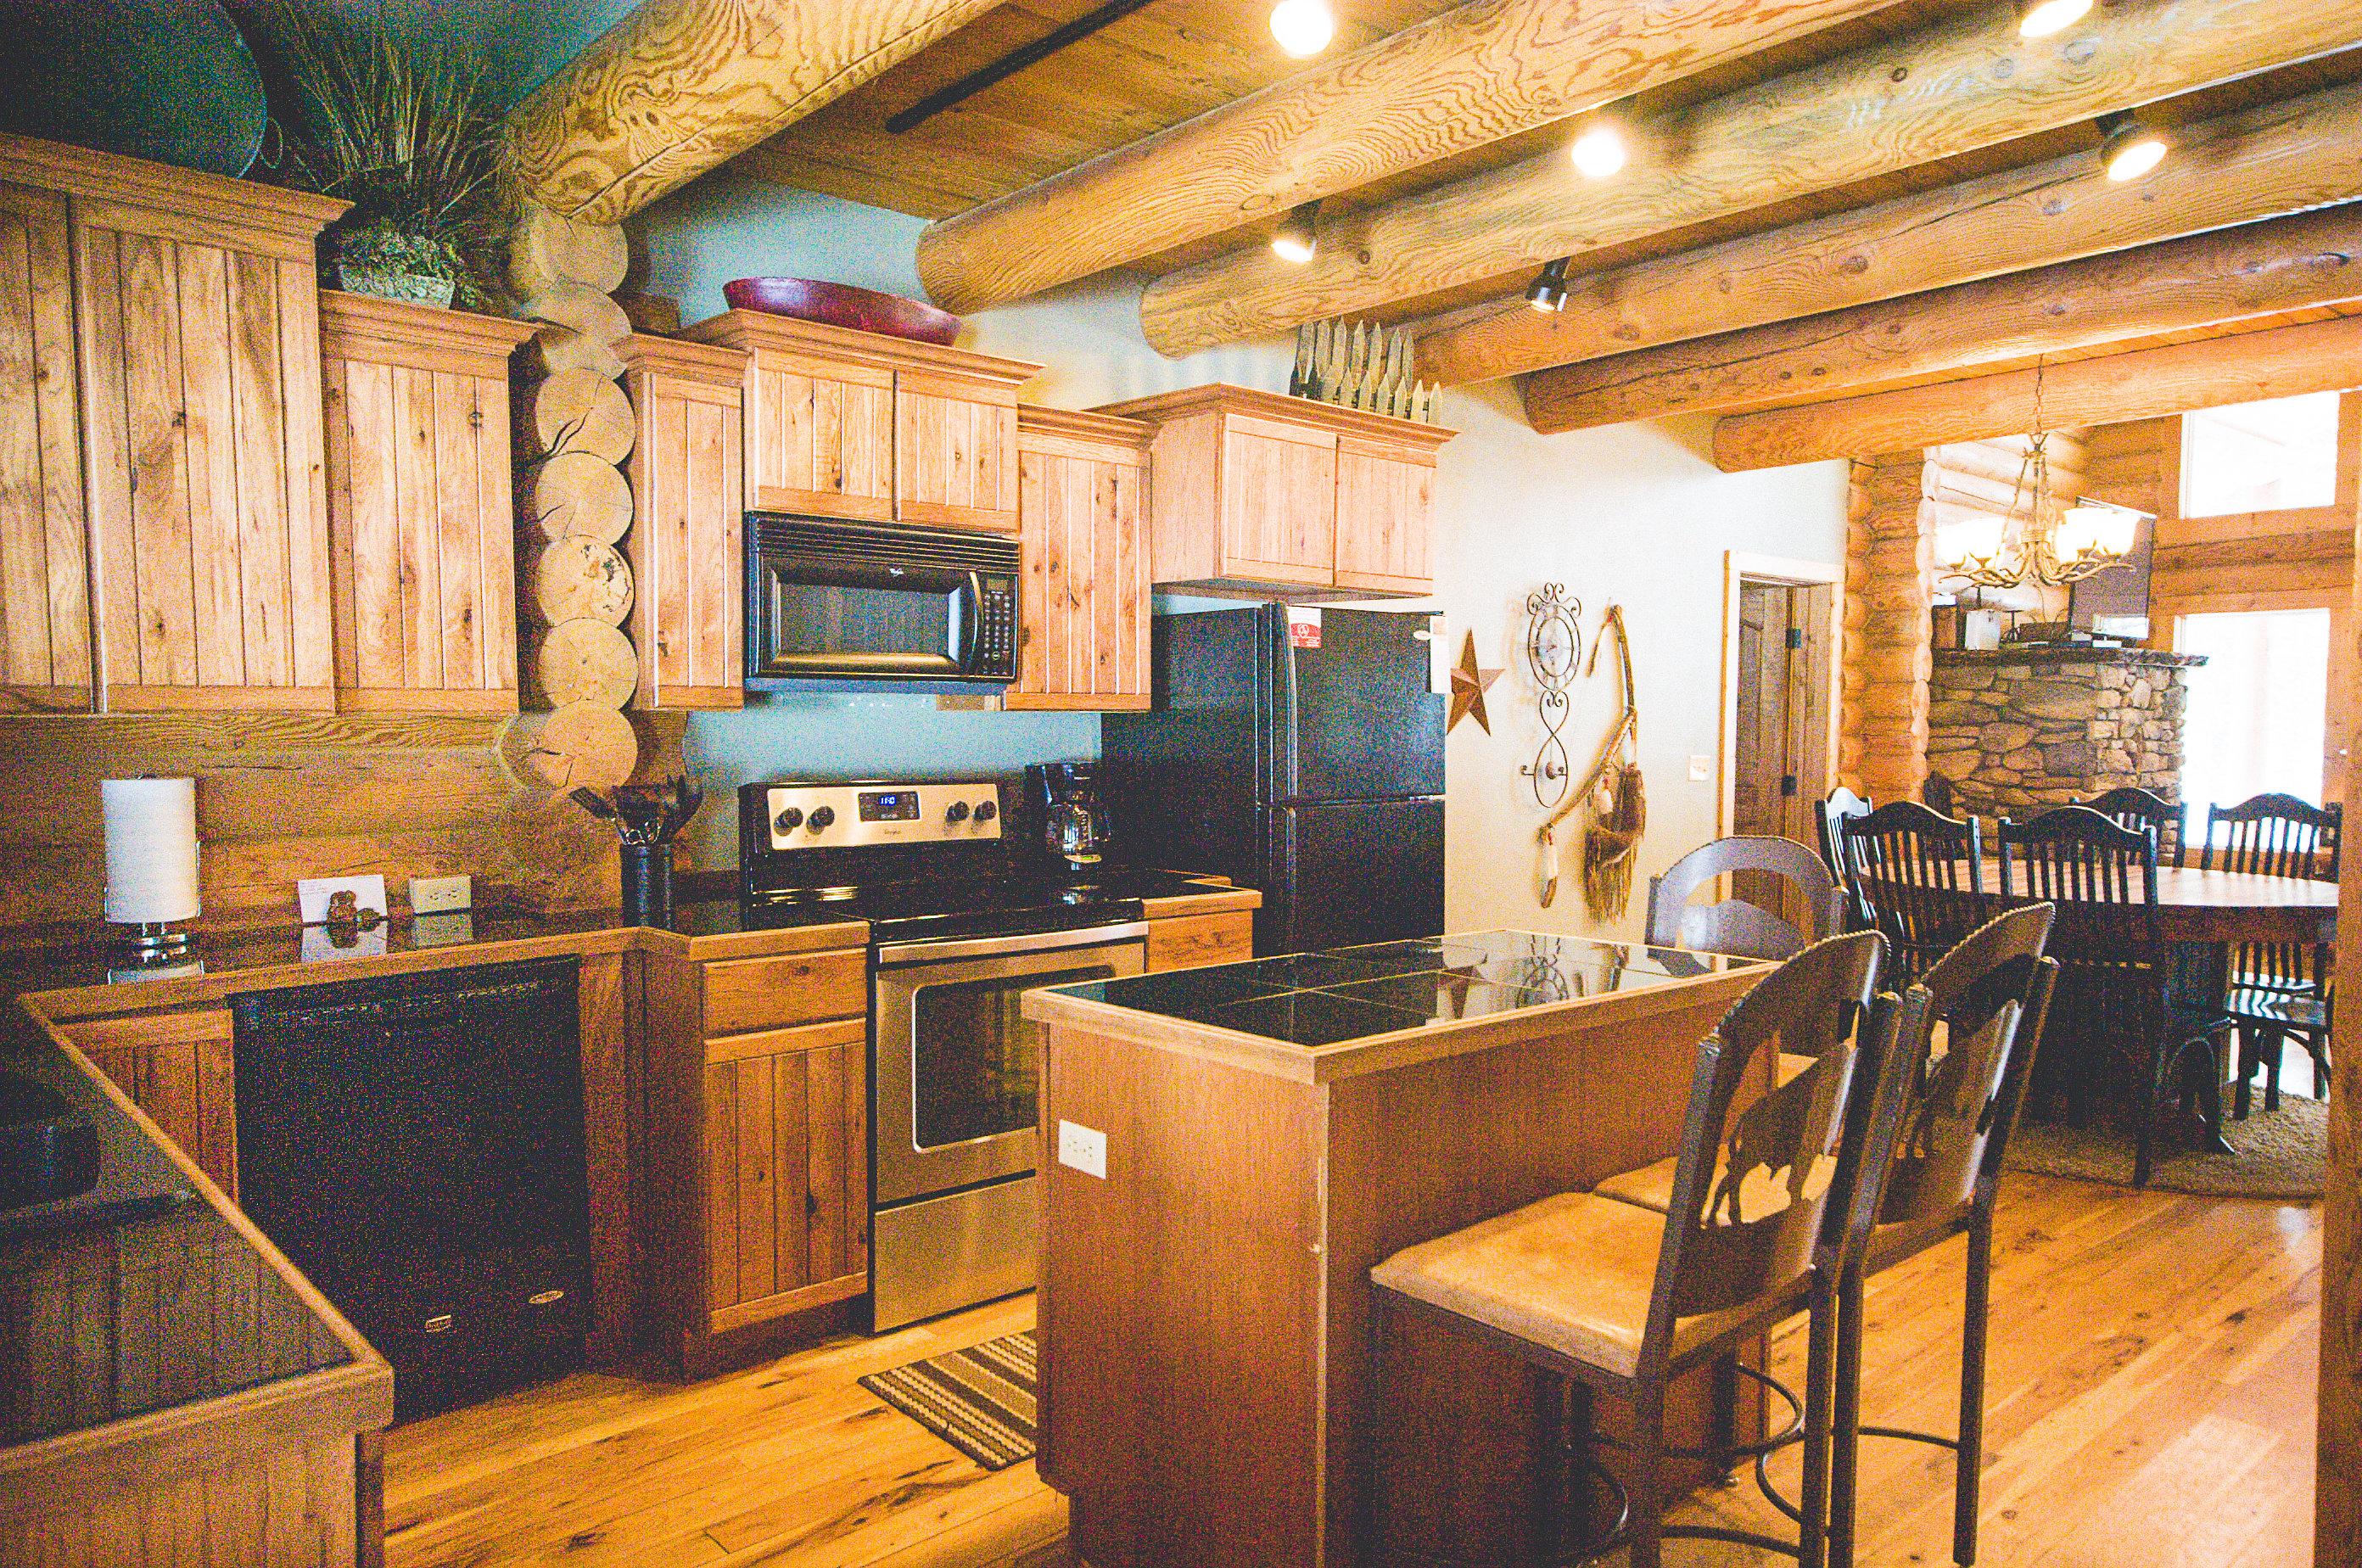 3. C21 Kitchen